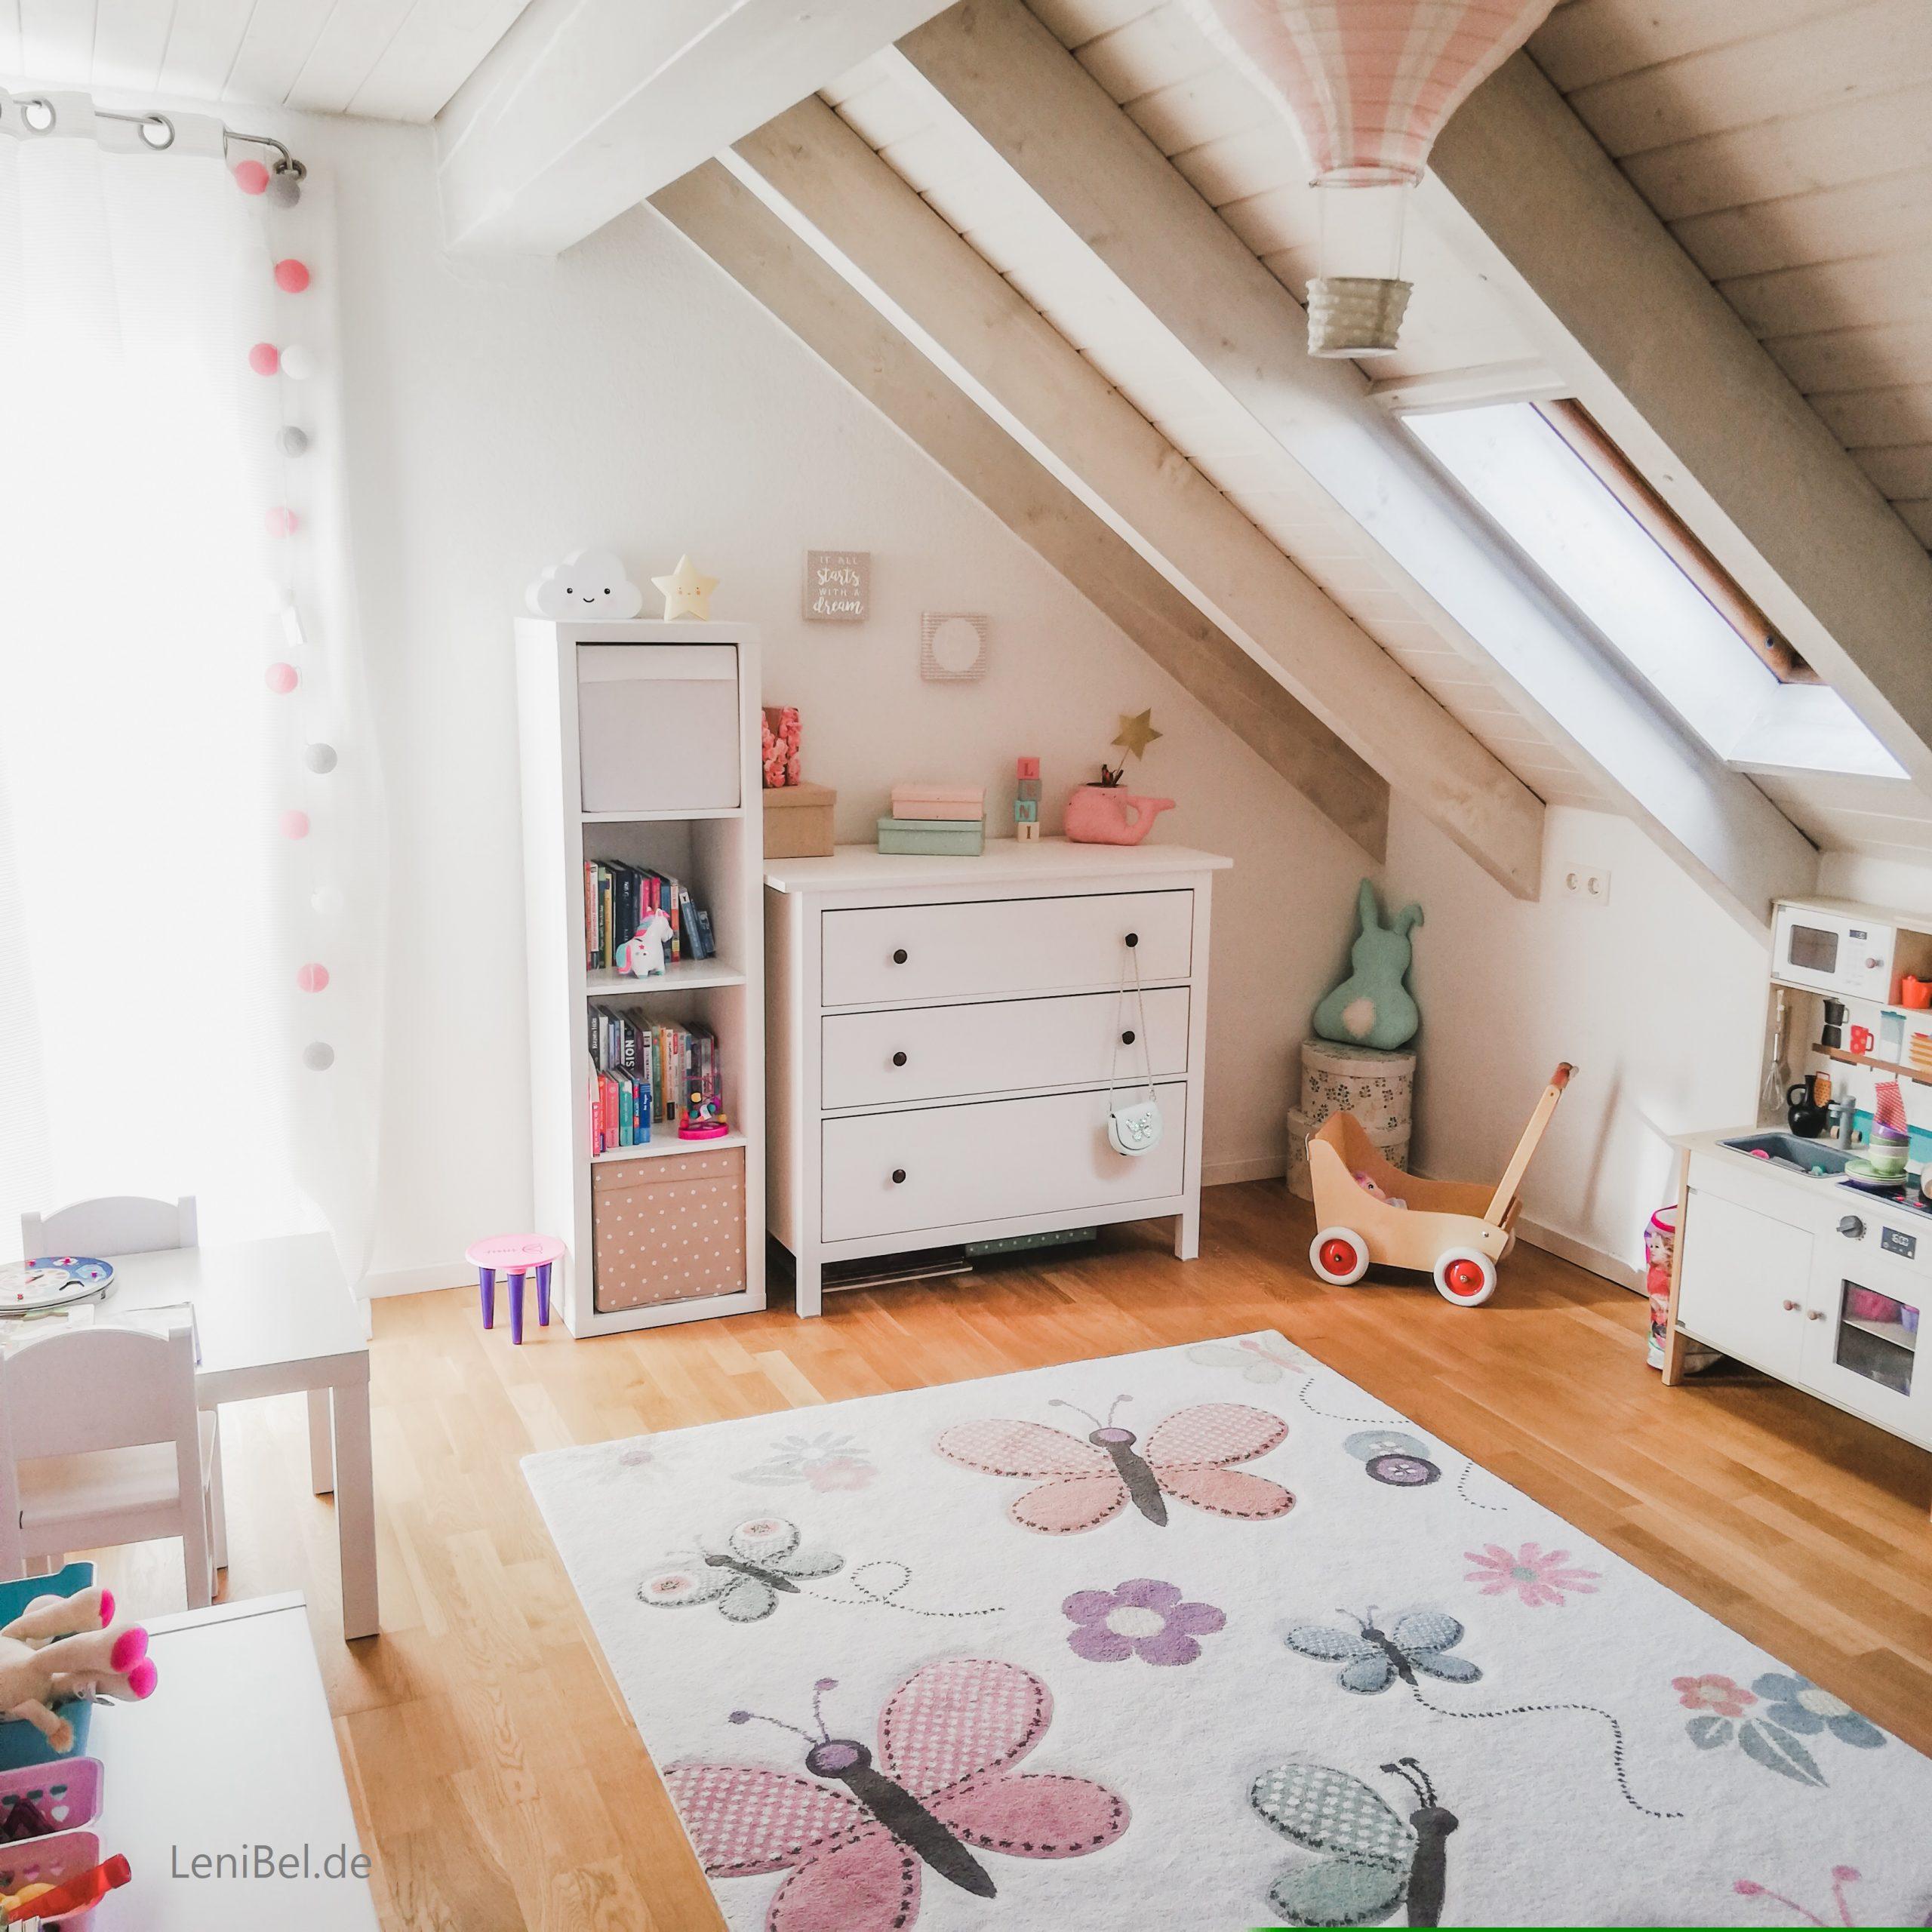 Full Size of Kinderzimmer Einrichten Junge 10 Tipps Und Ideen Fr Gestaltung Kleine Küche Regale Regal Weiß Badezimmer Sofa Kinderzimmer Kinderzimmer Einrichten Junge